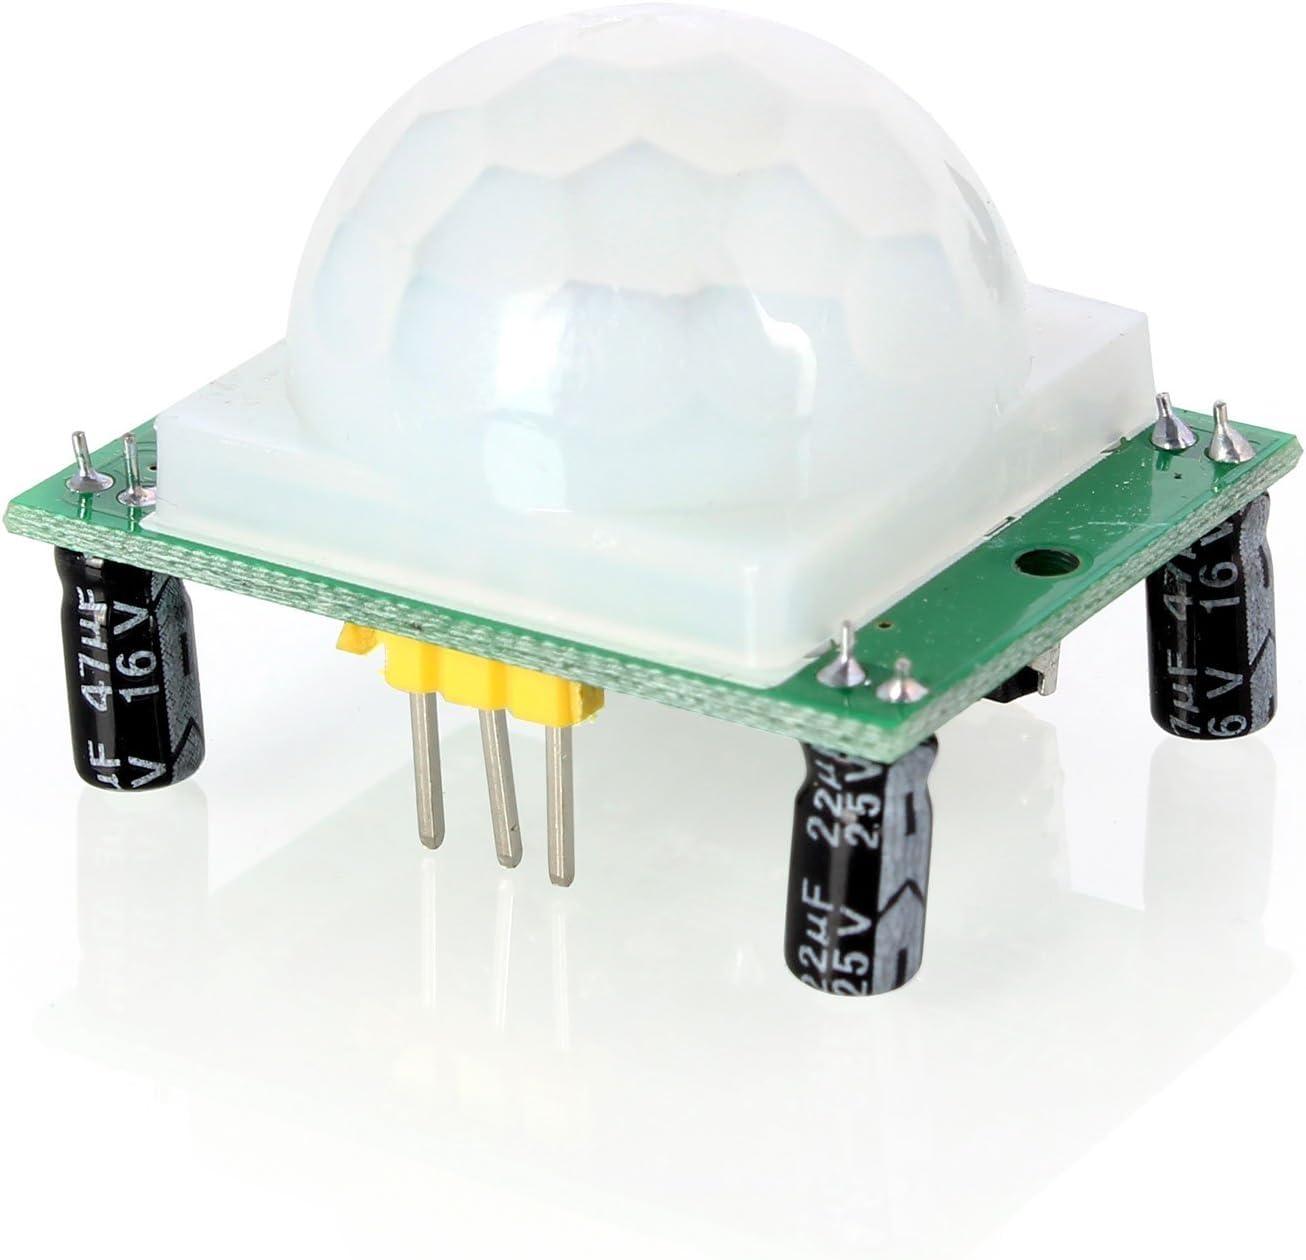 HC-SR501 Infrared PIR Motion Sensor Module for Arduino Raspberry pi HCSR501 Tool